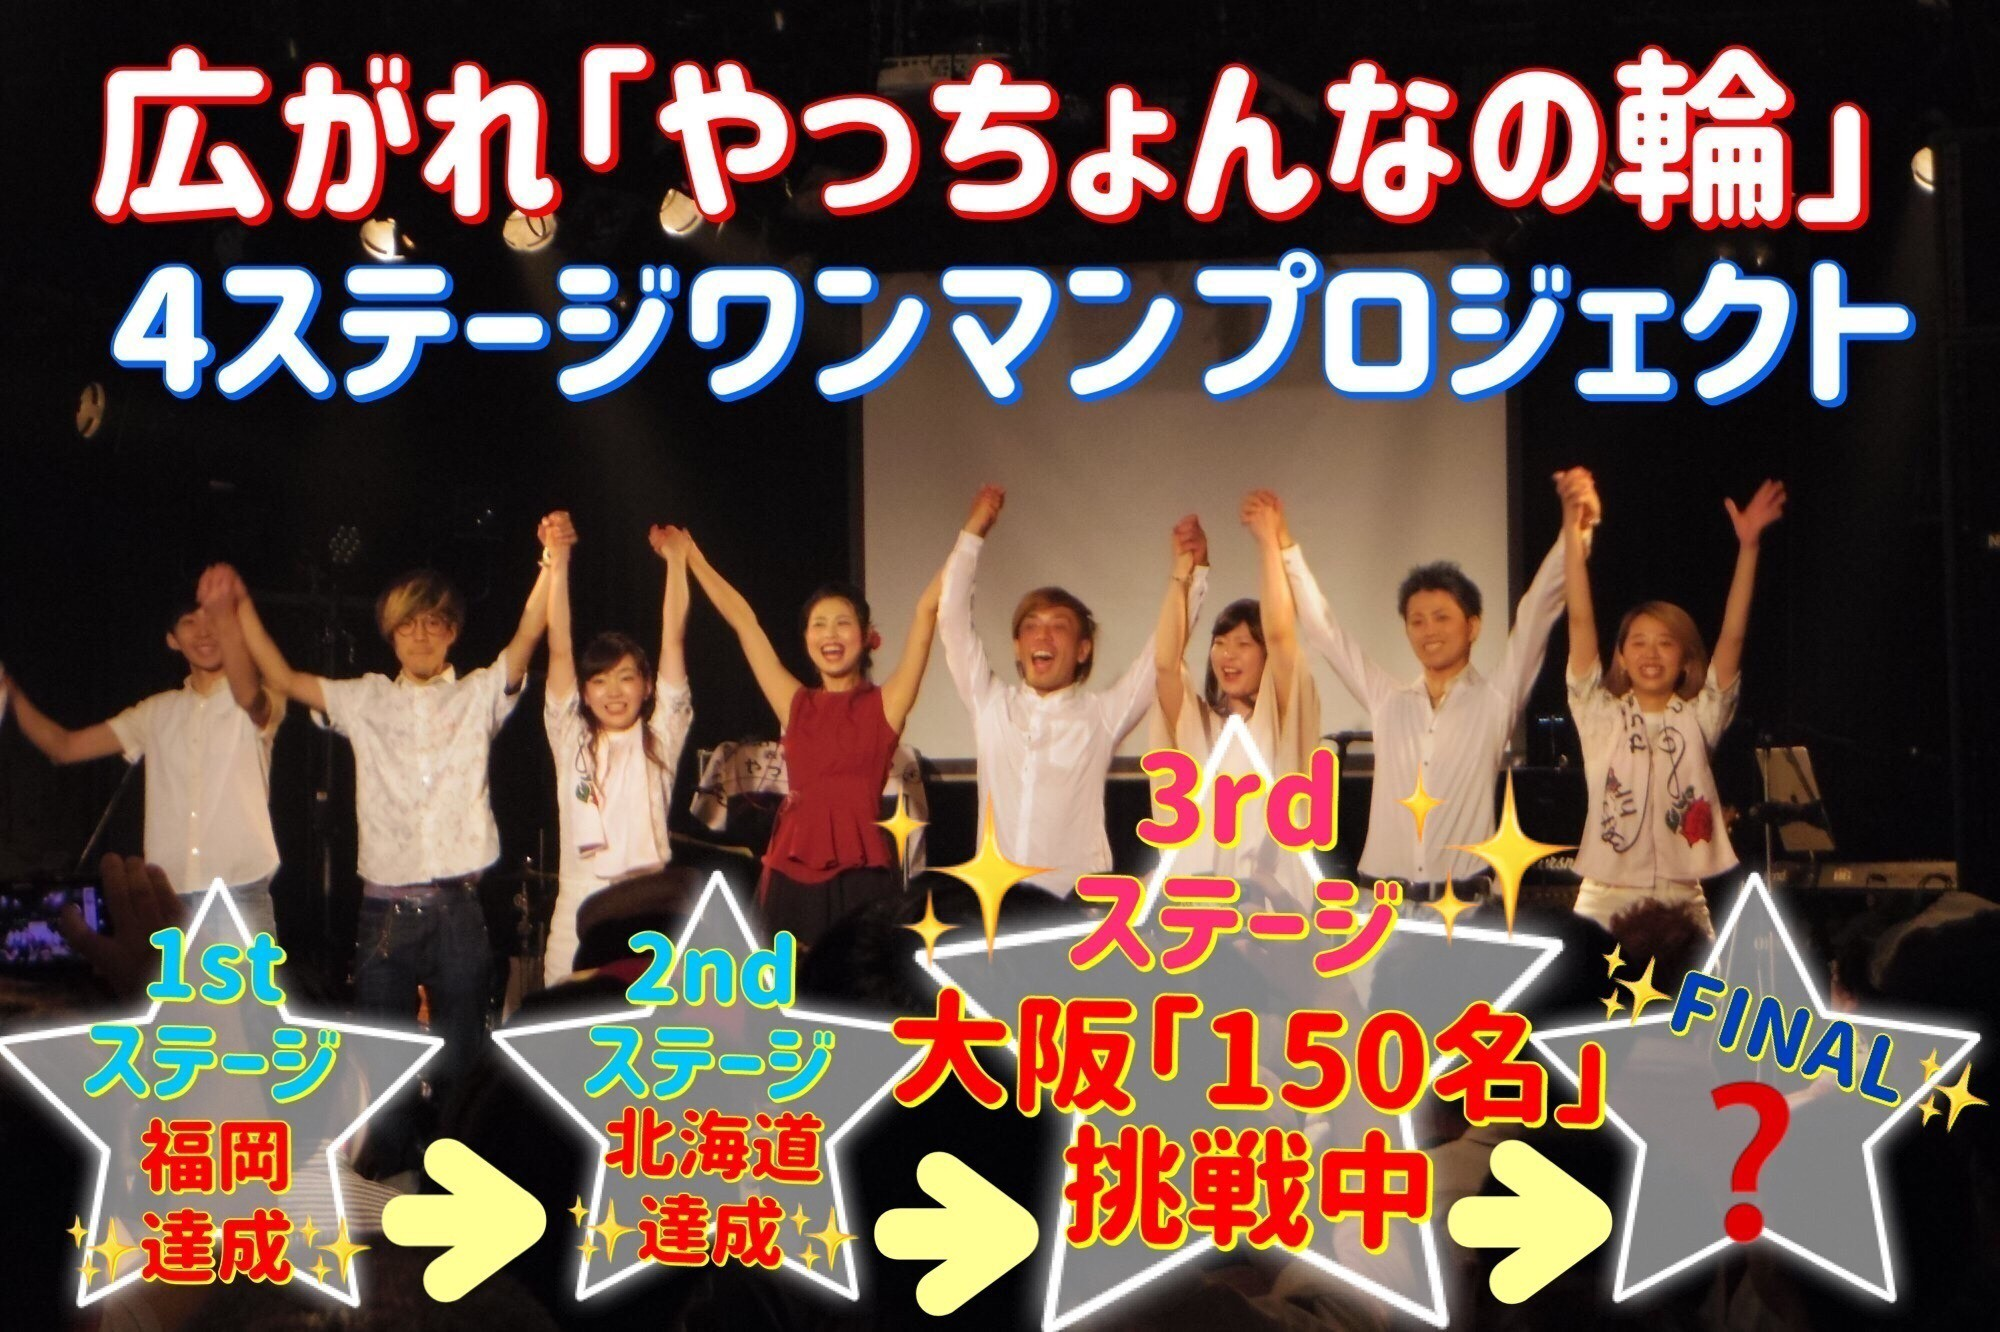 宮崎出身ソウルフルsingerゆきこhrが挑戦する4ステージワンマン。広がれ!「やっちょんなの輪」ー3rd STAGE!! in 大阪ー